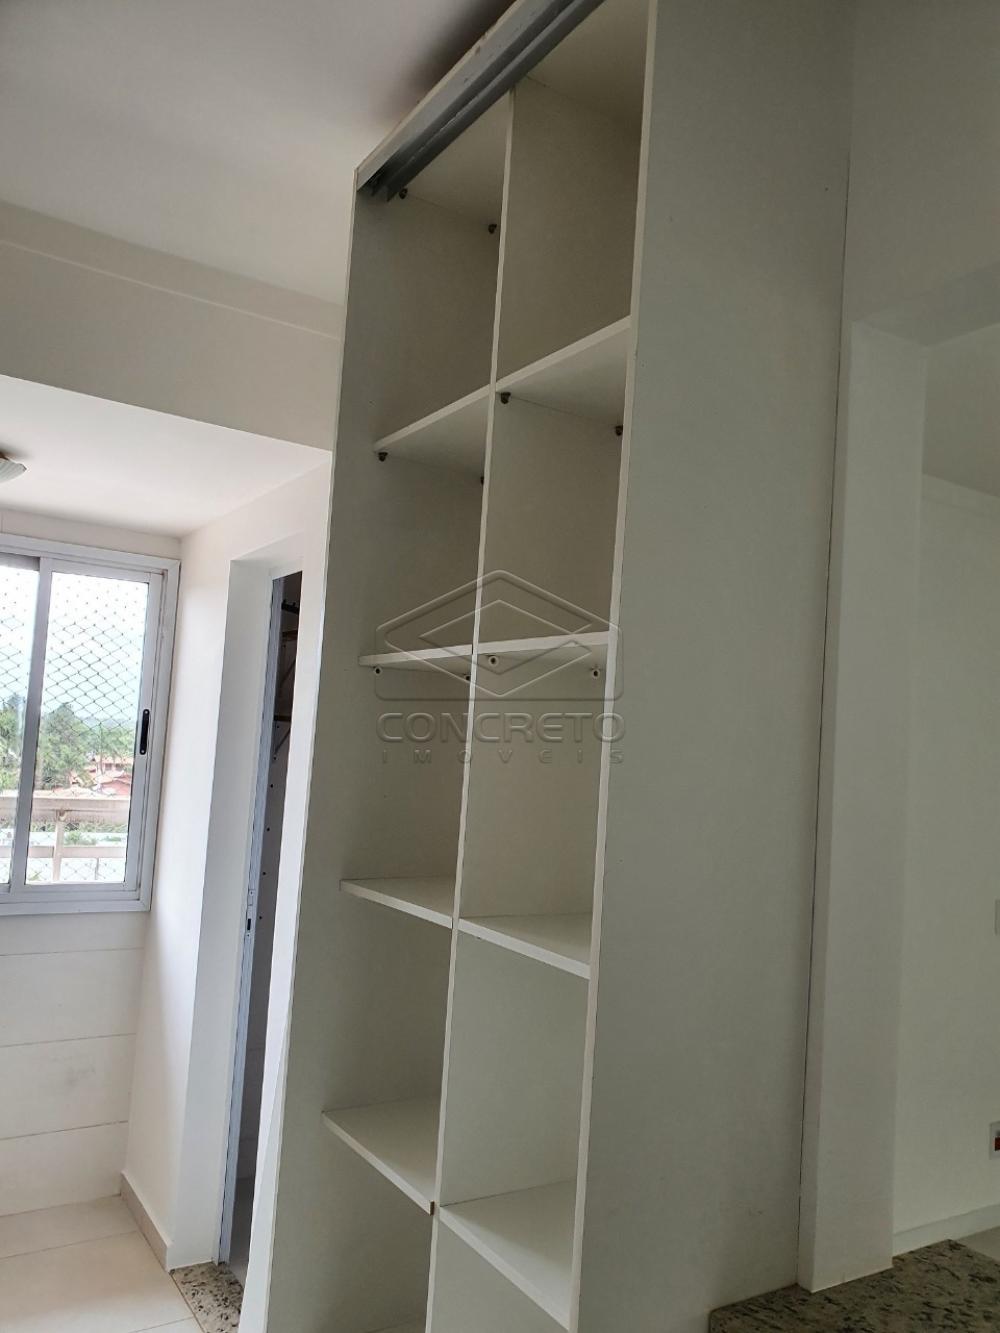 Alugar Apartamento / Padrão em Bauru R$ 2.200,00 - Foto 3